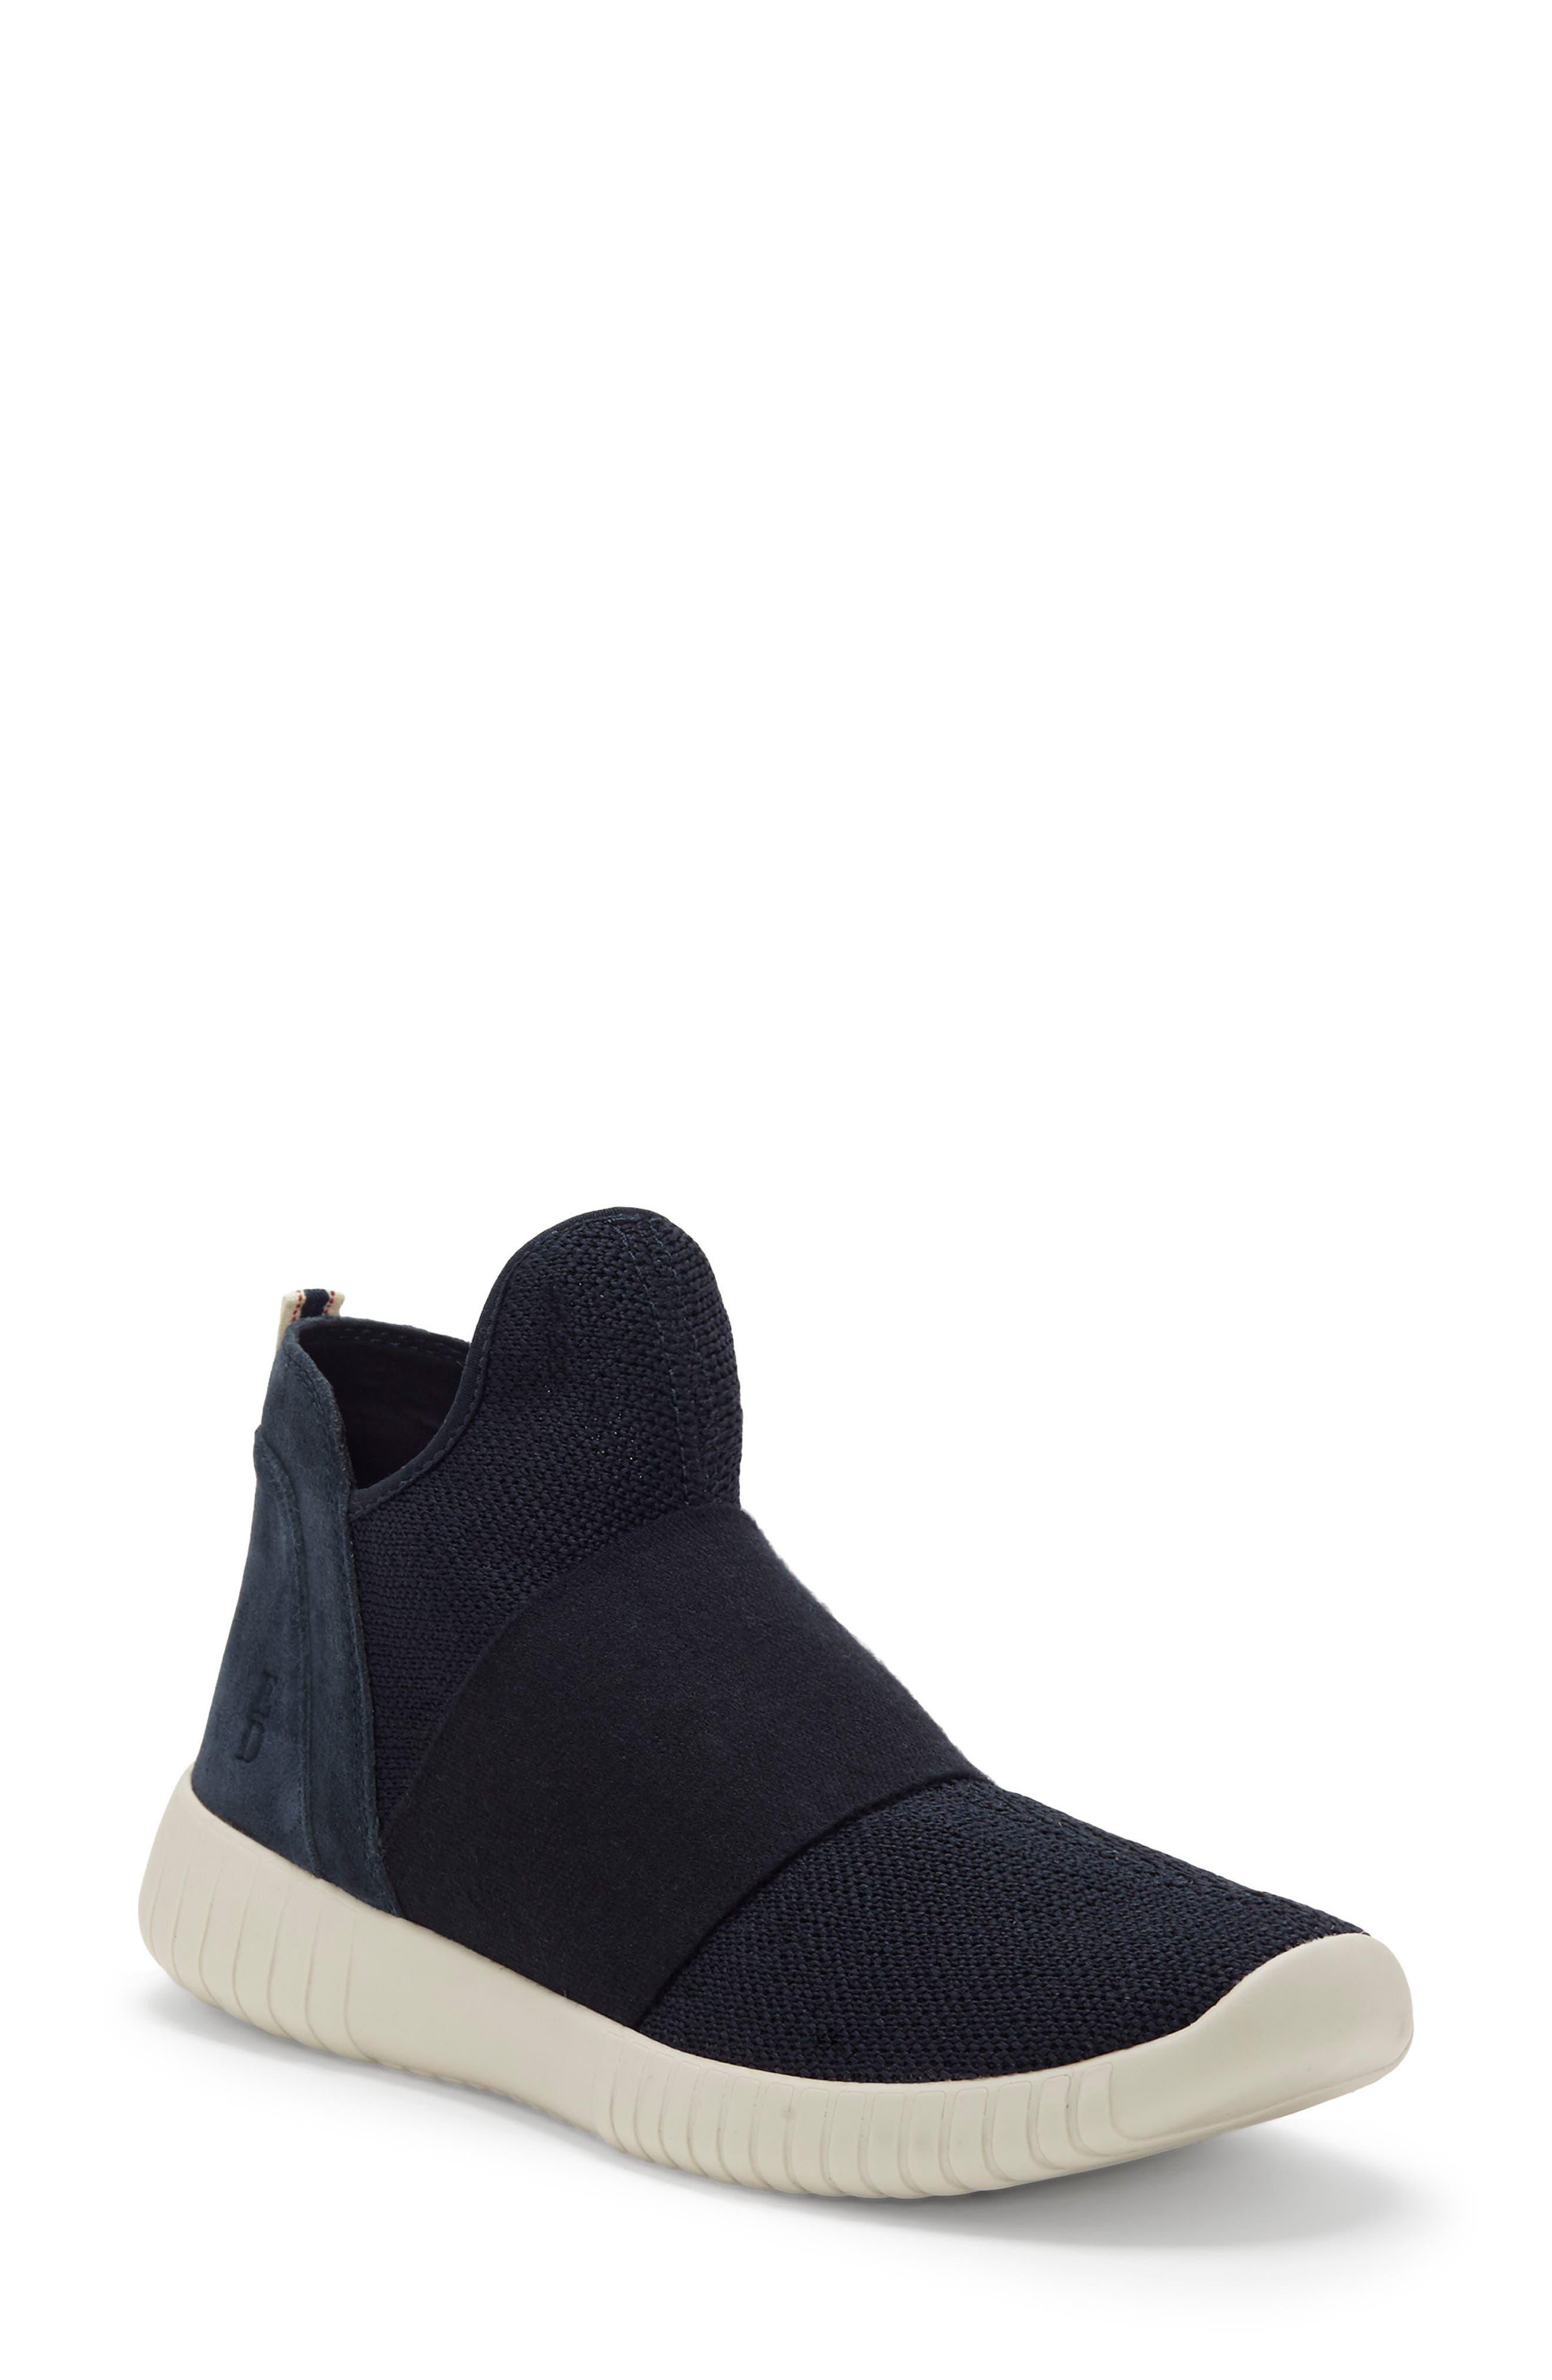 Alternate Image 1 Selected - ED Ellen DeGeneres Hachiro High Top Sneaker (Women)